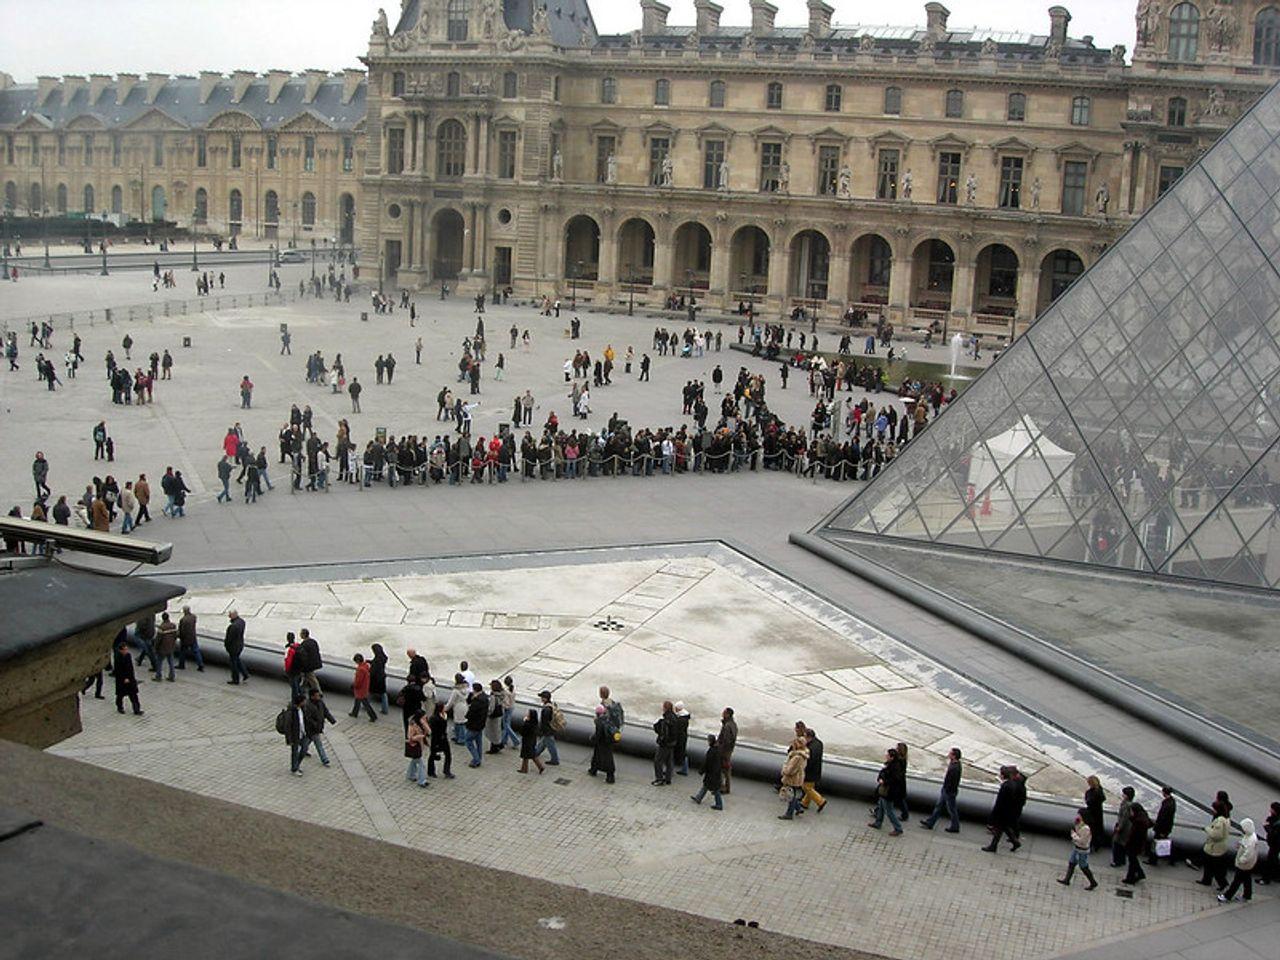 Queues form outside the Musée du Louvre in Paris © Flickr/Gideon